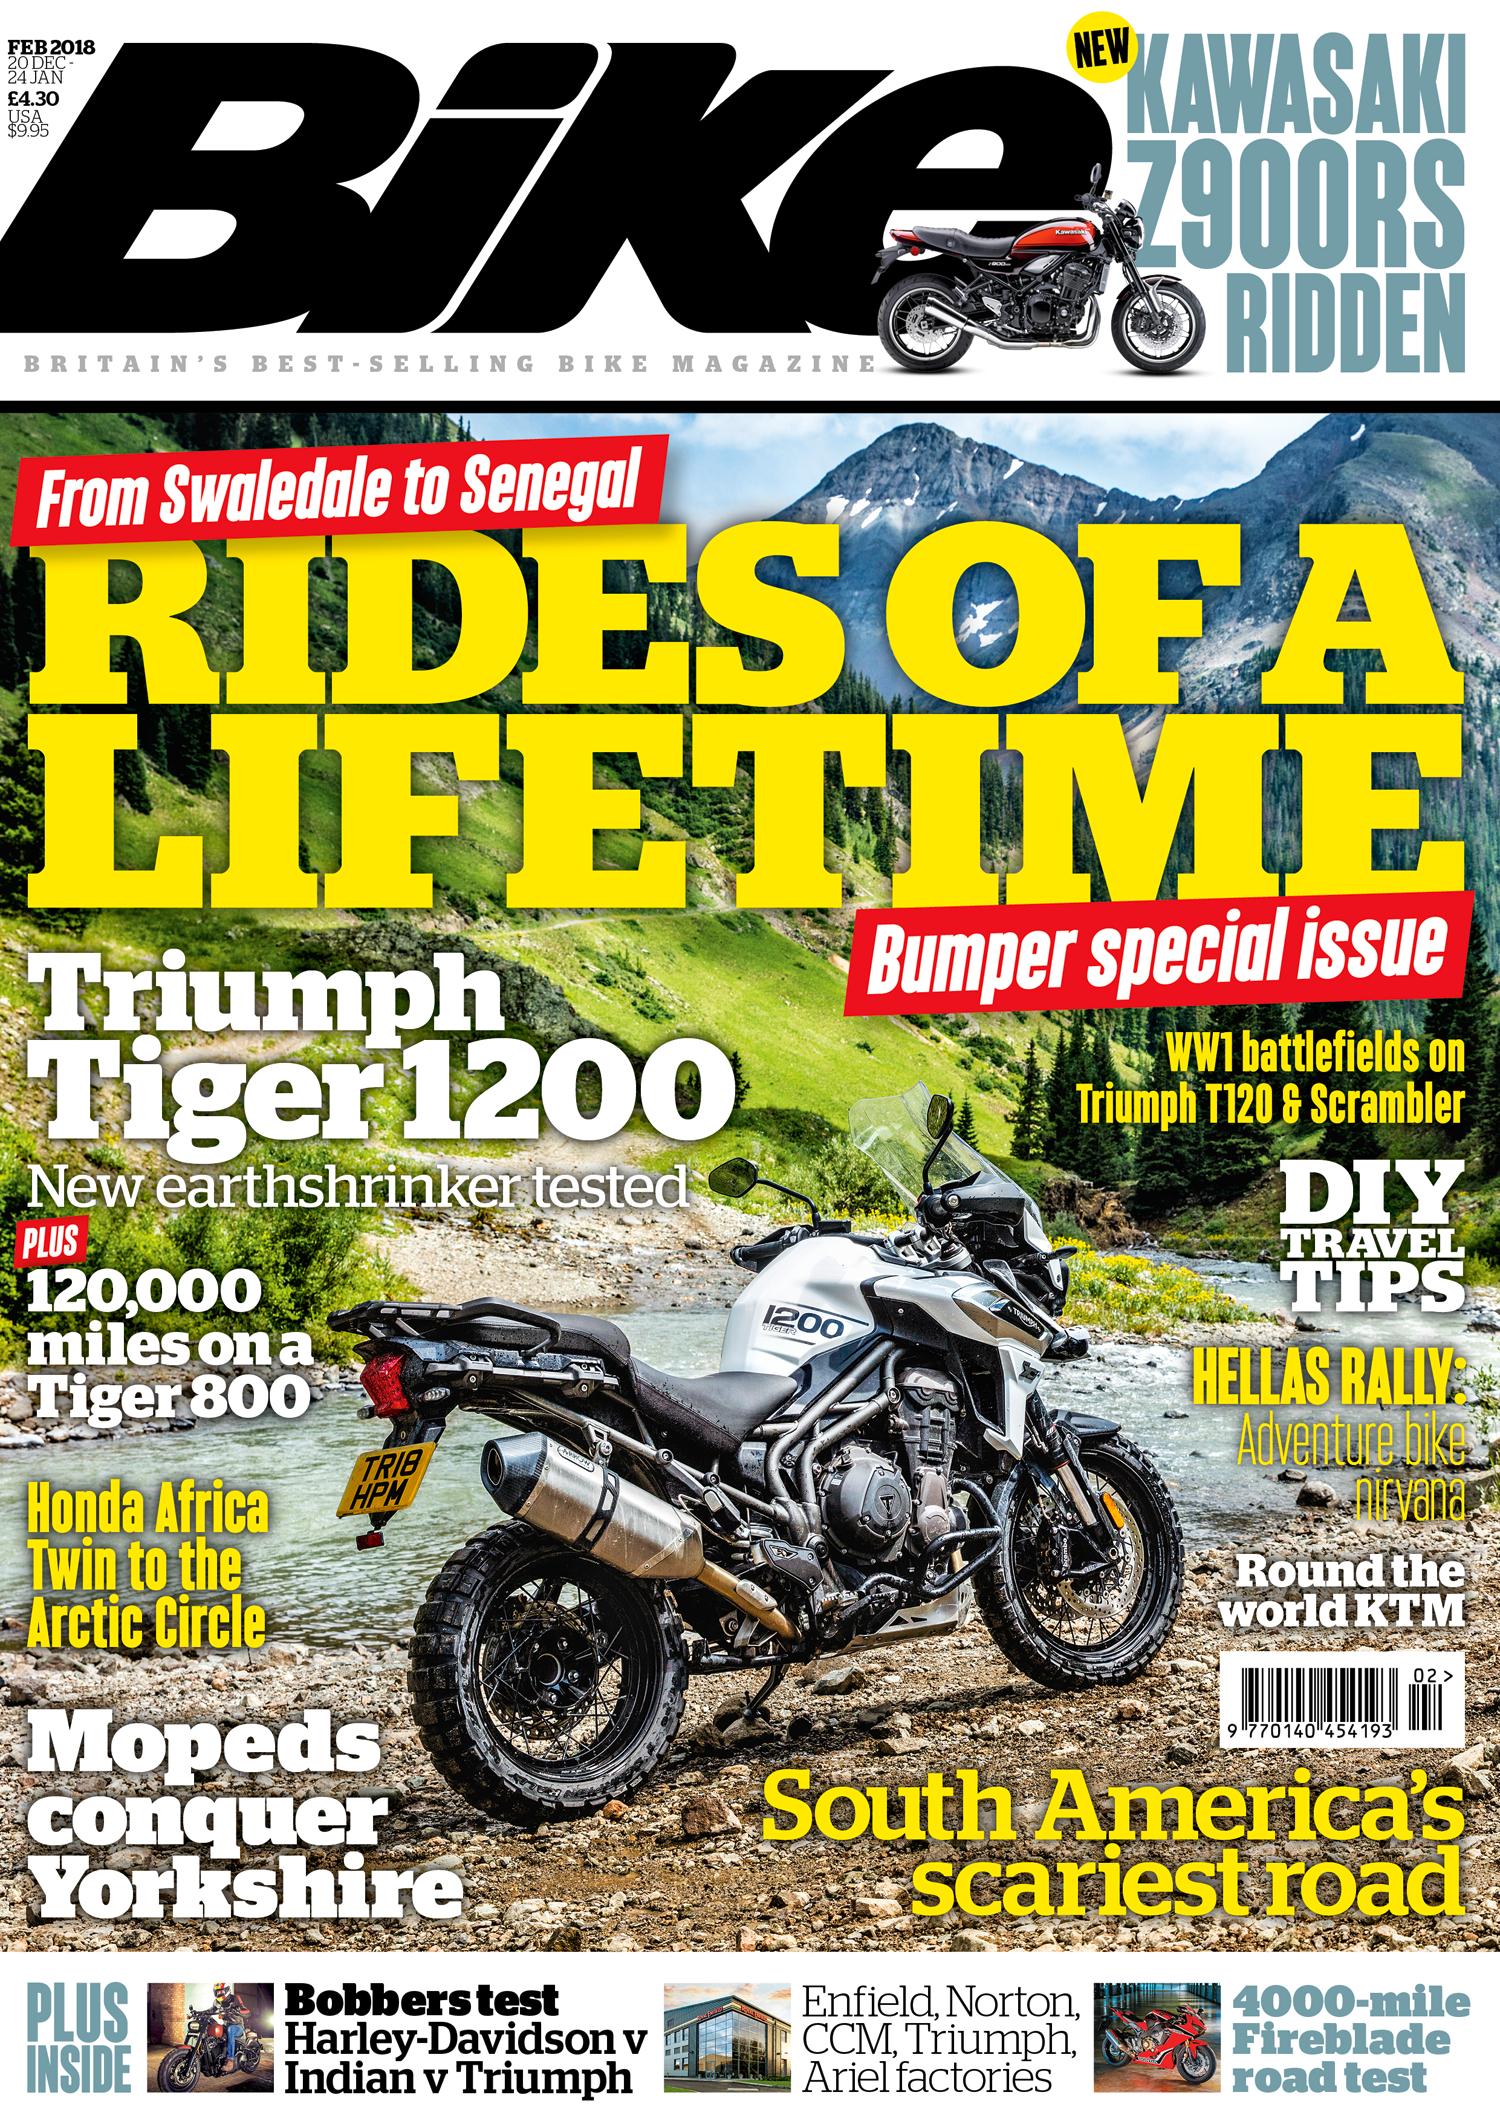 Bike February 2018 issue